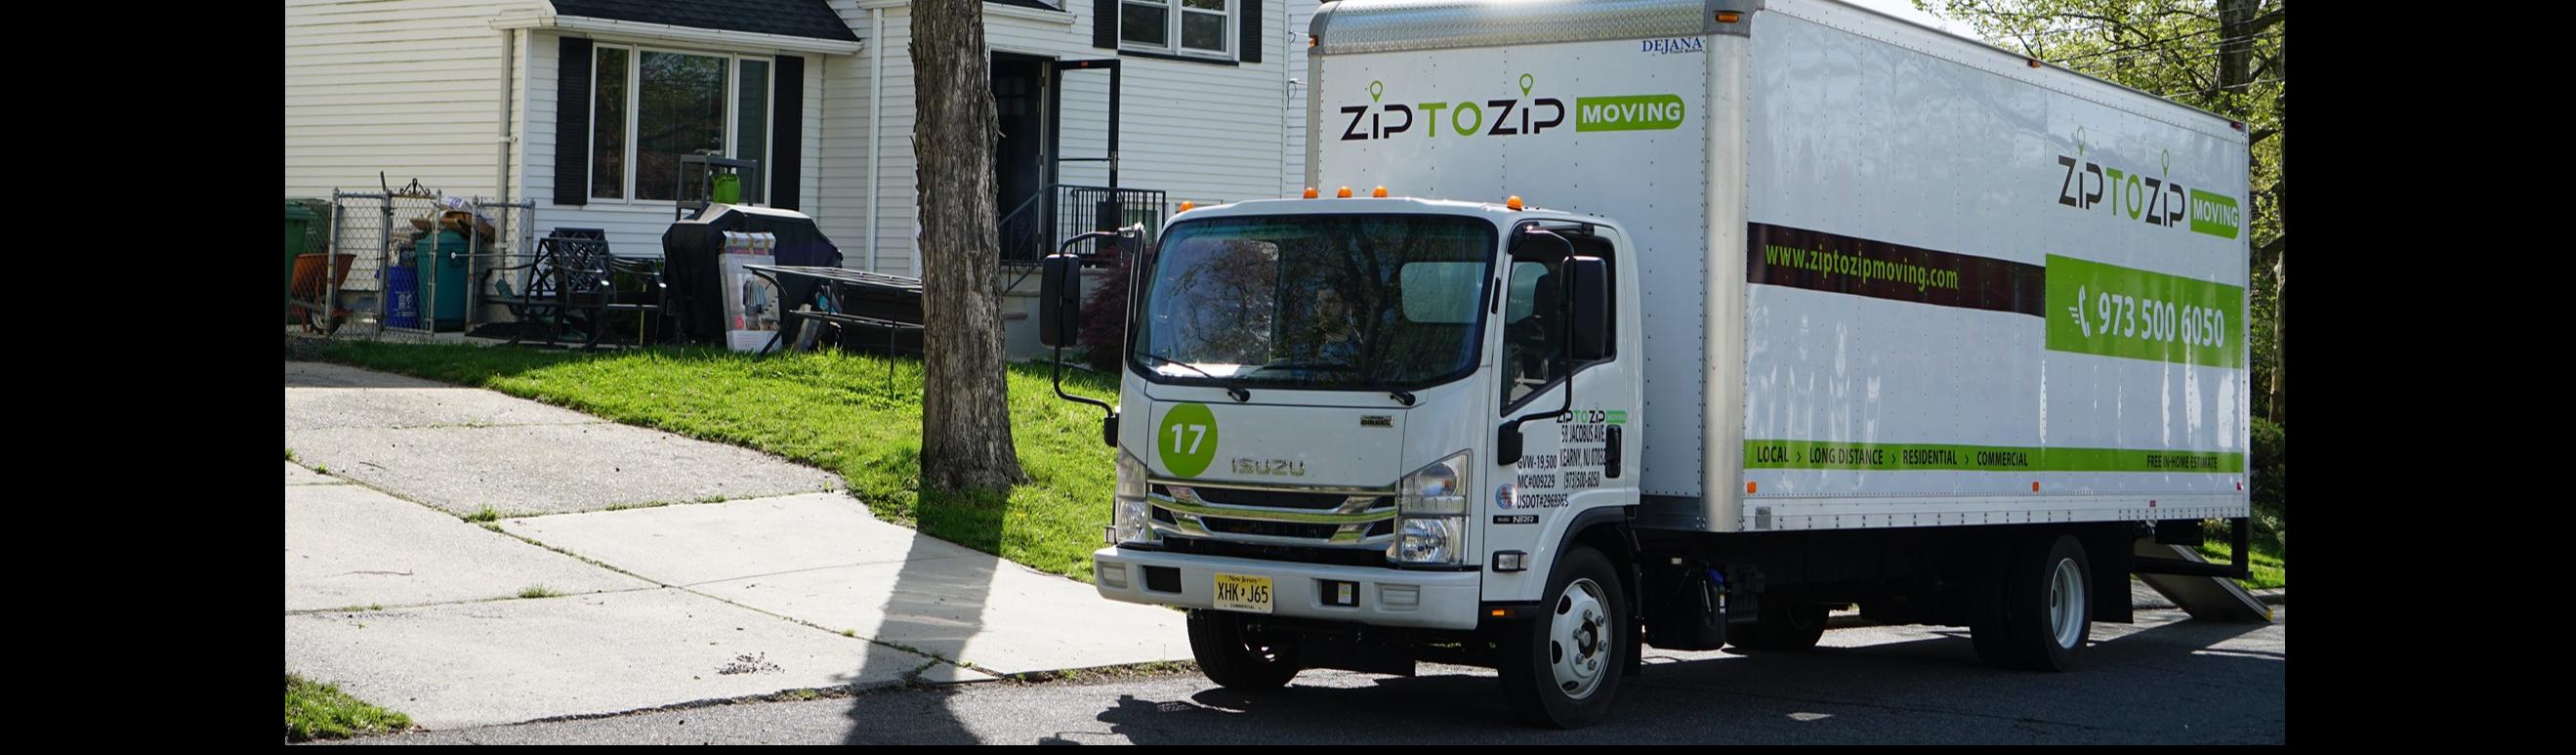 Zip To Zip Moving